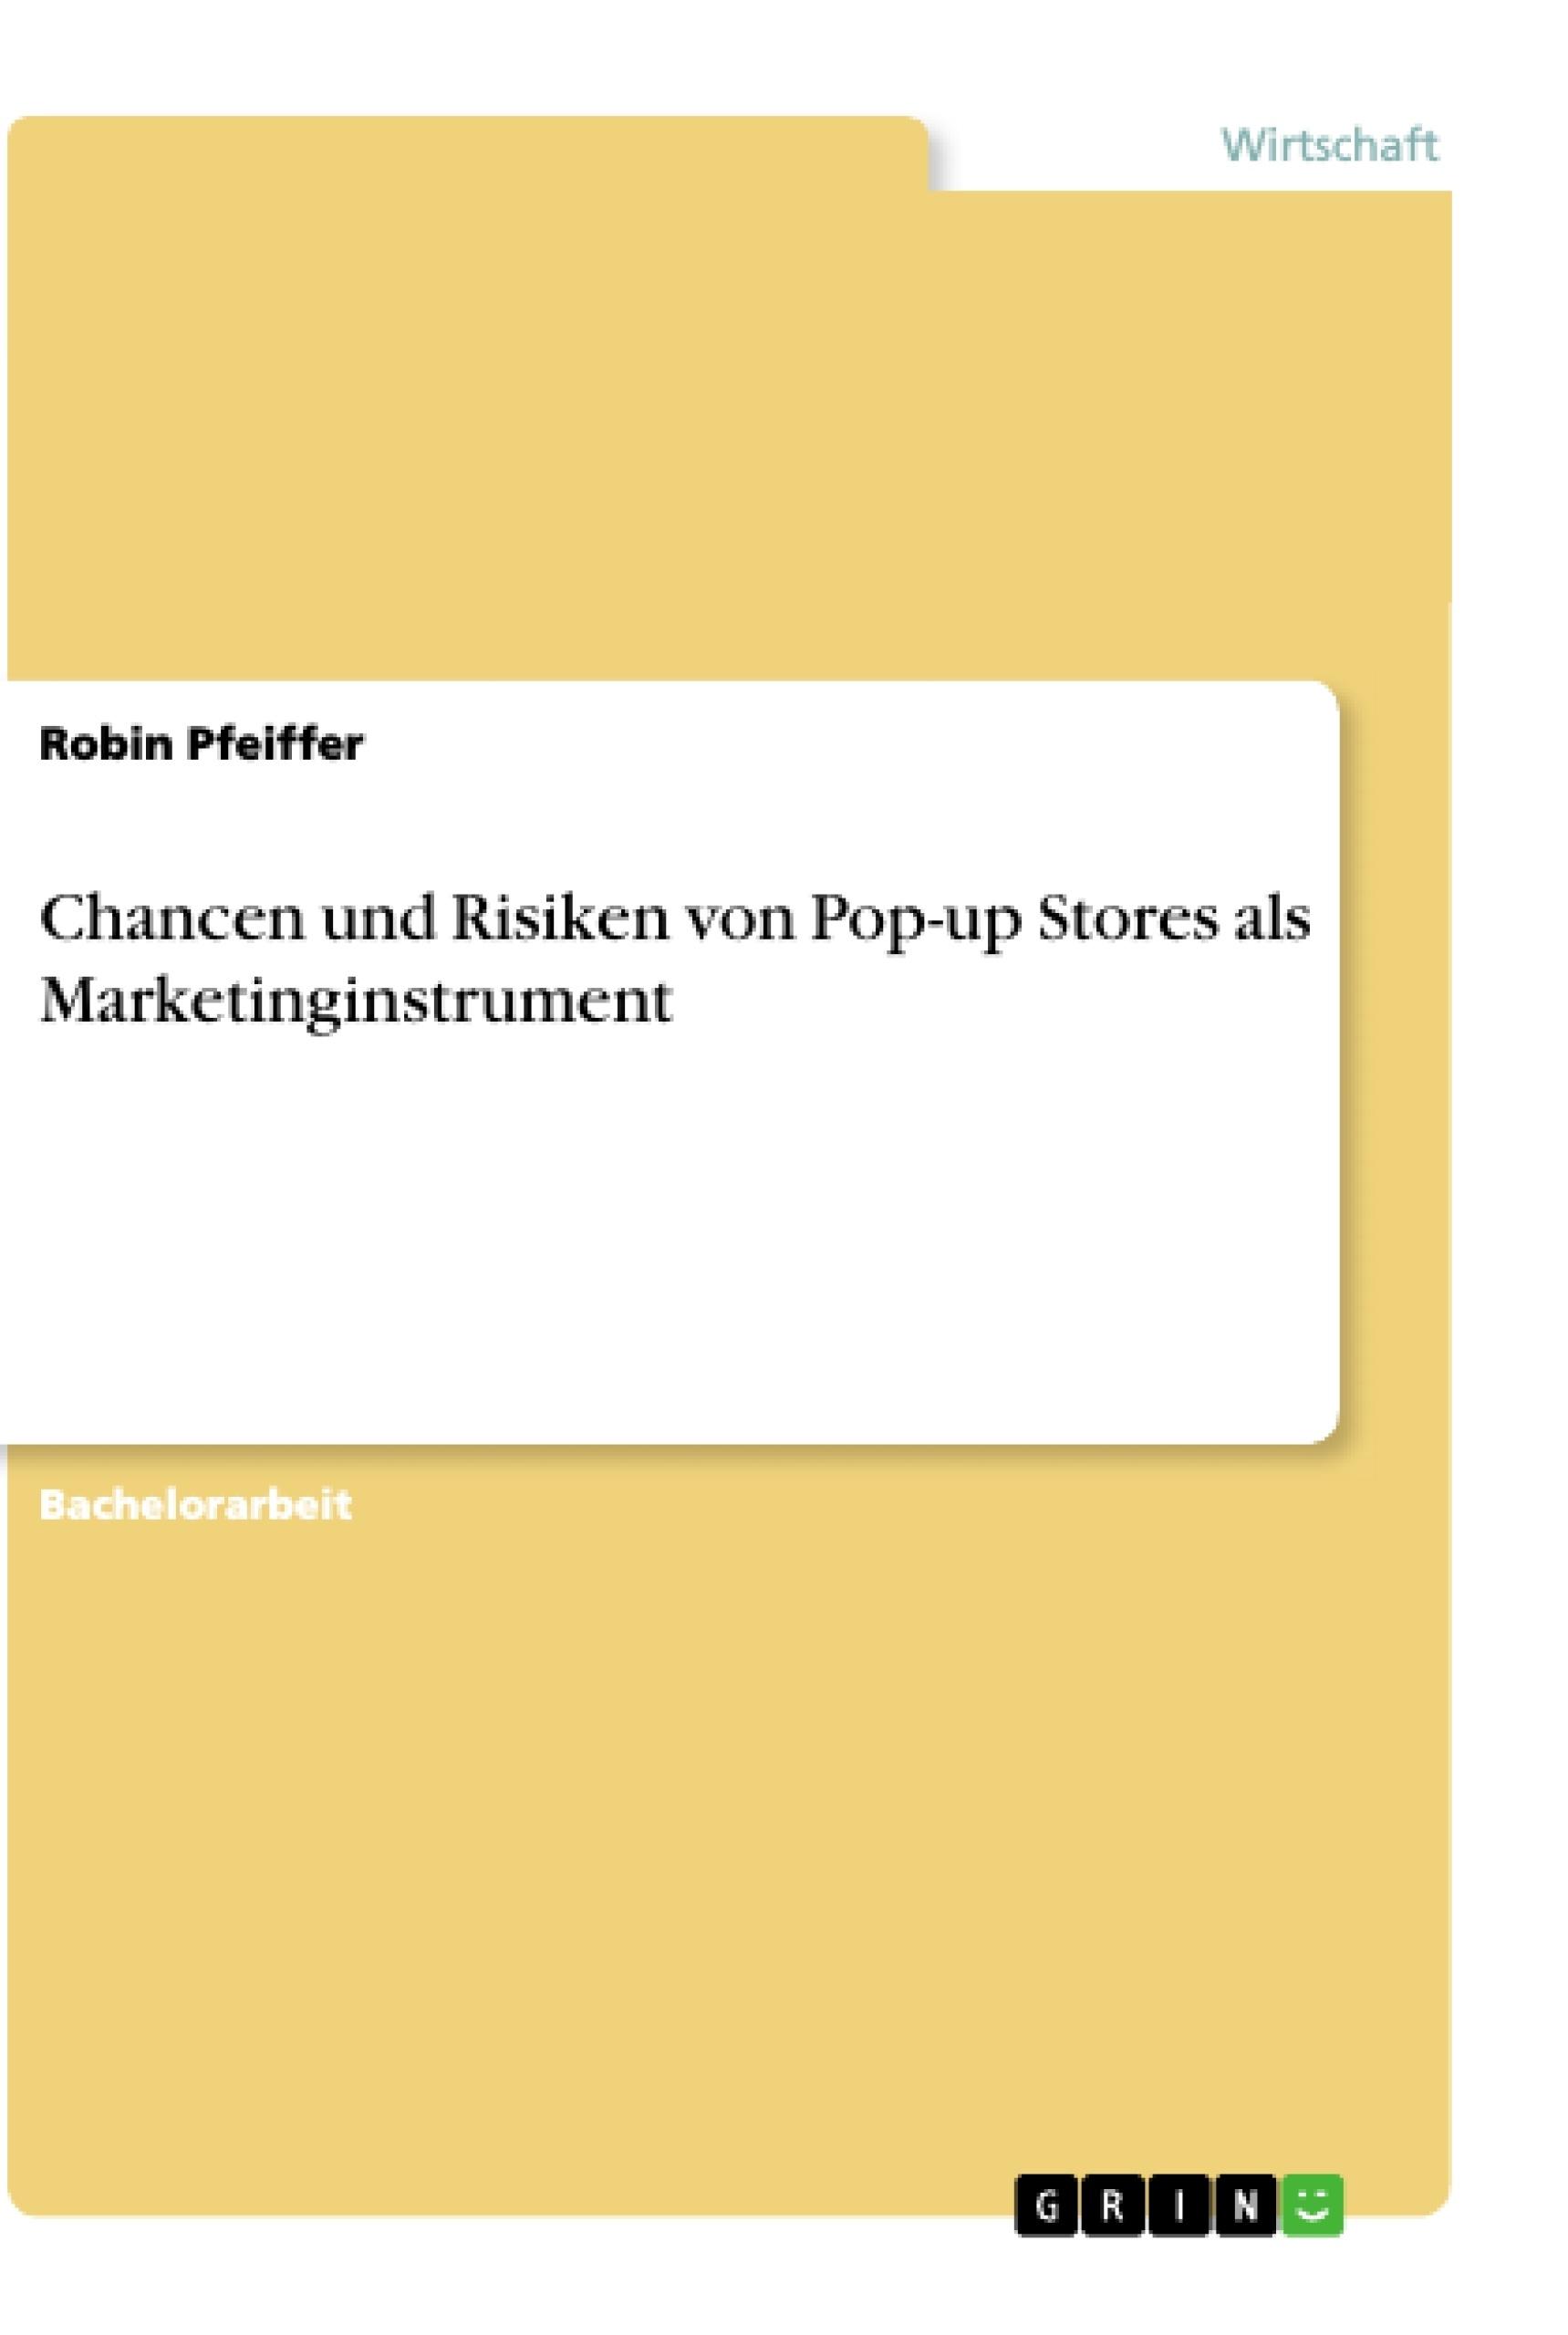 Titel: Chancen und Risiken von Pop-up Stores als Marketinginstrument